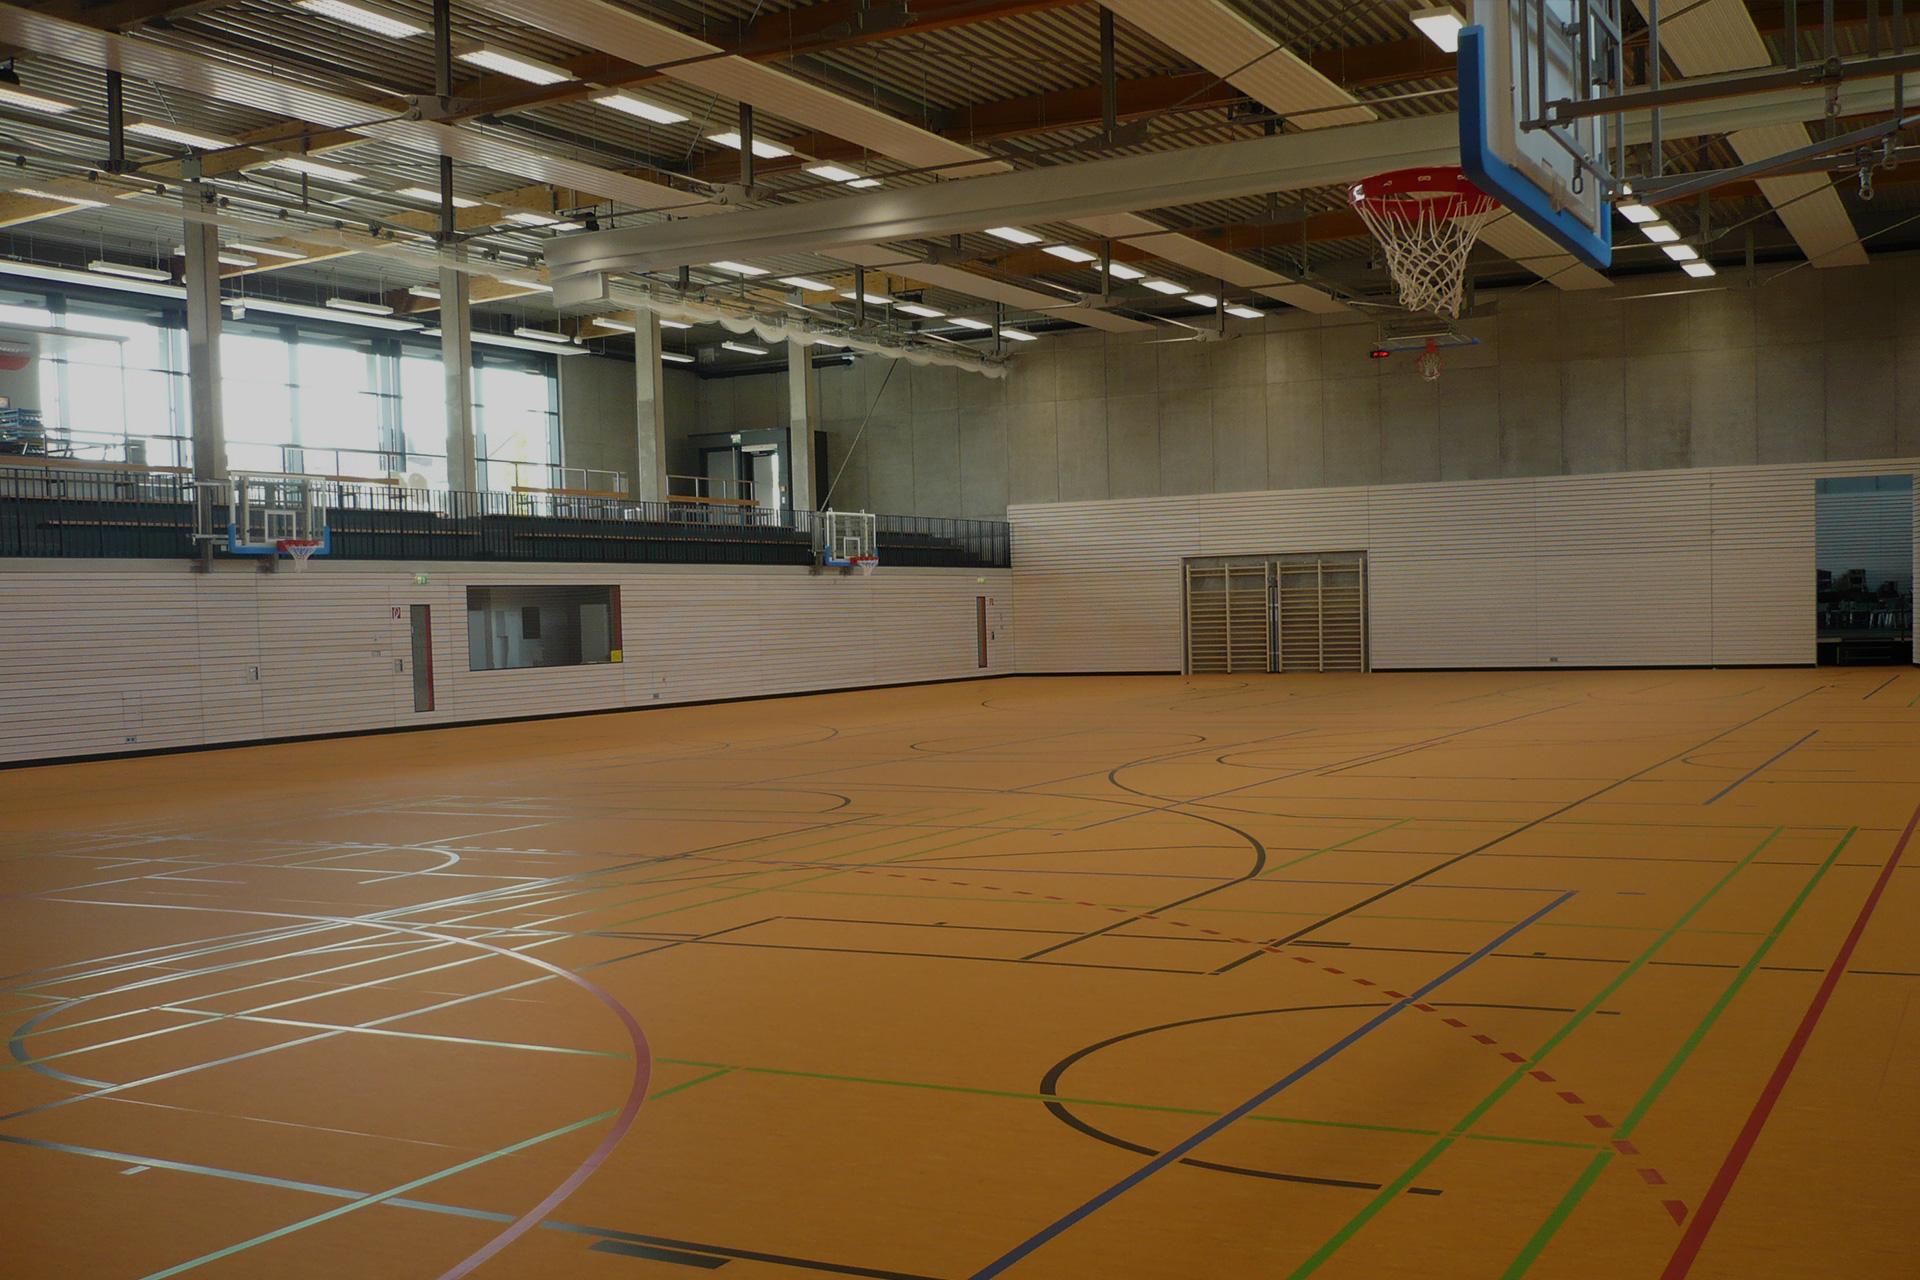 Individuelle Sporthallenkonzepte